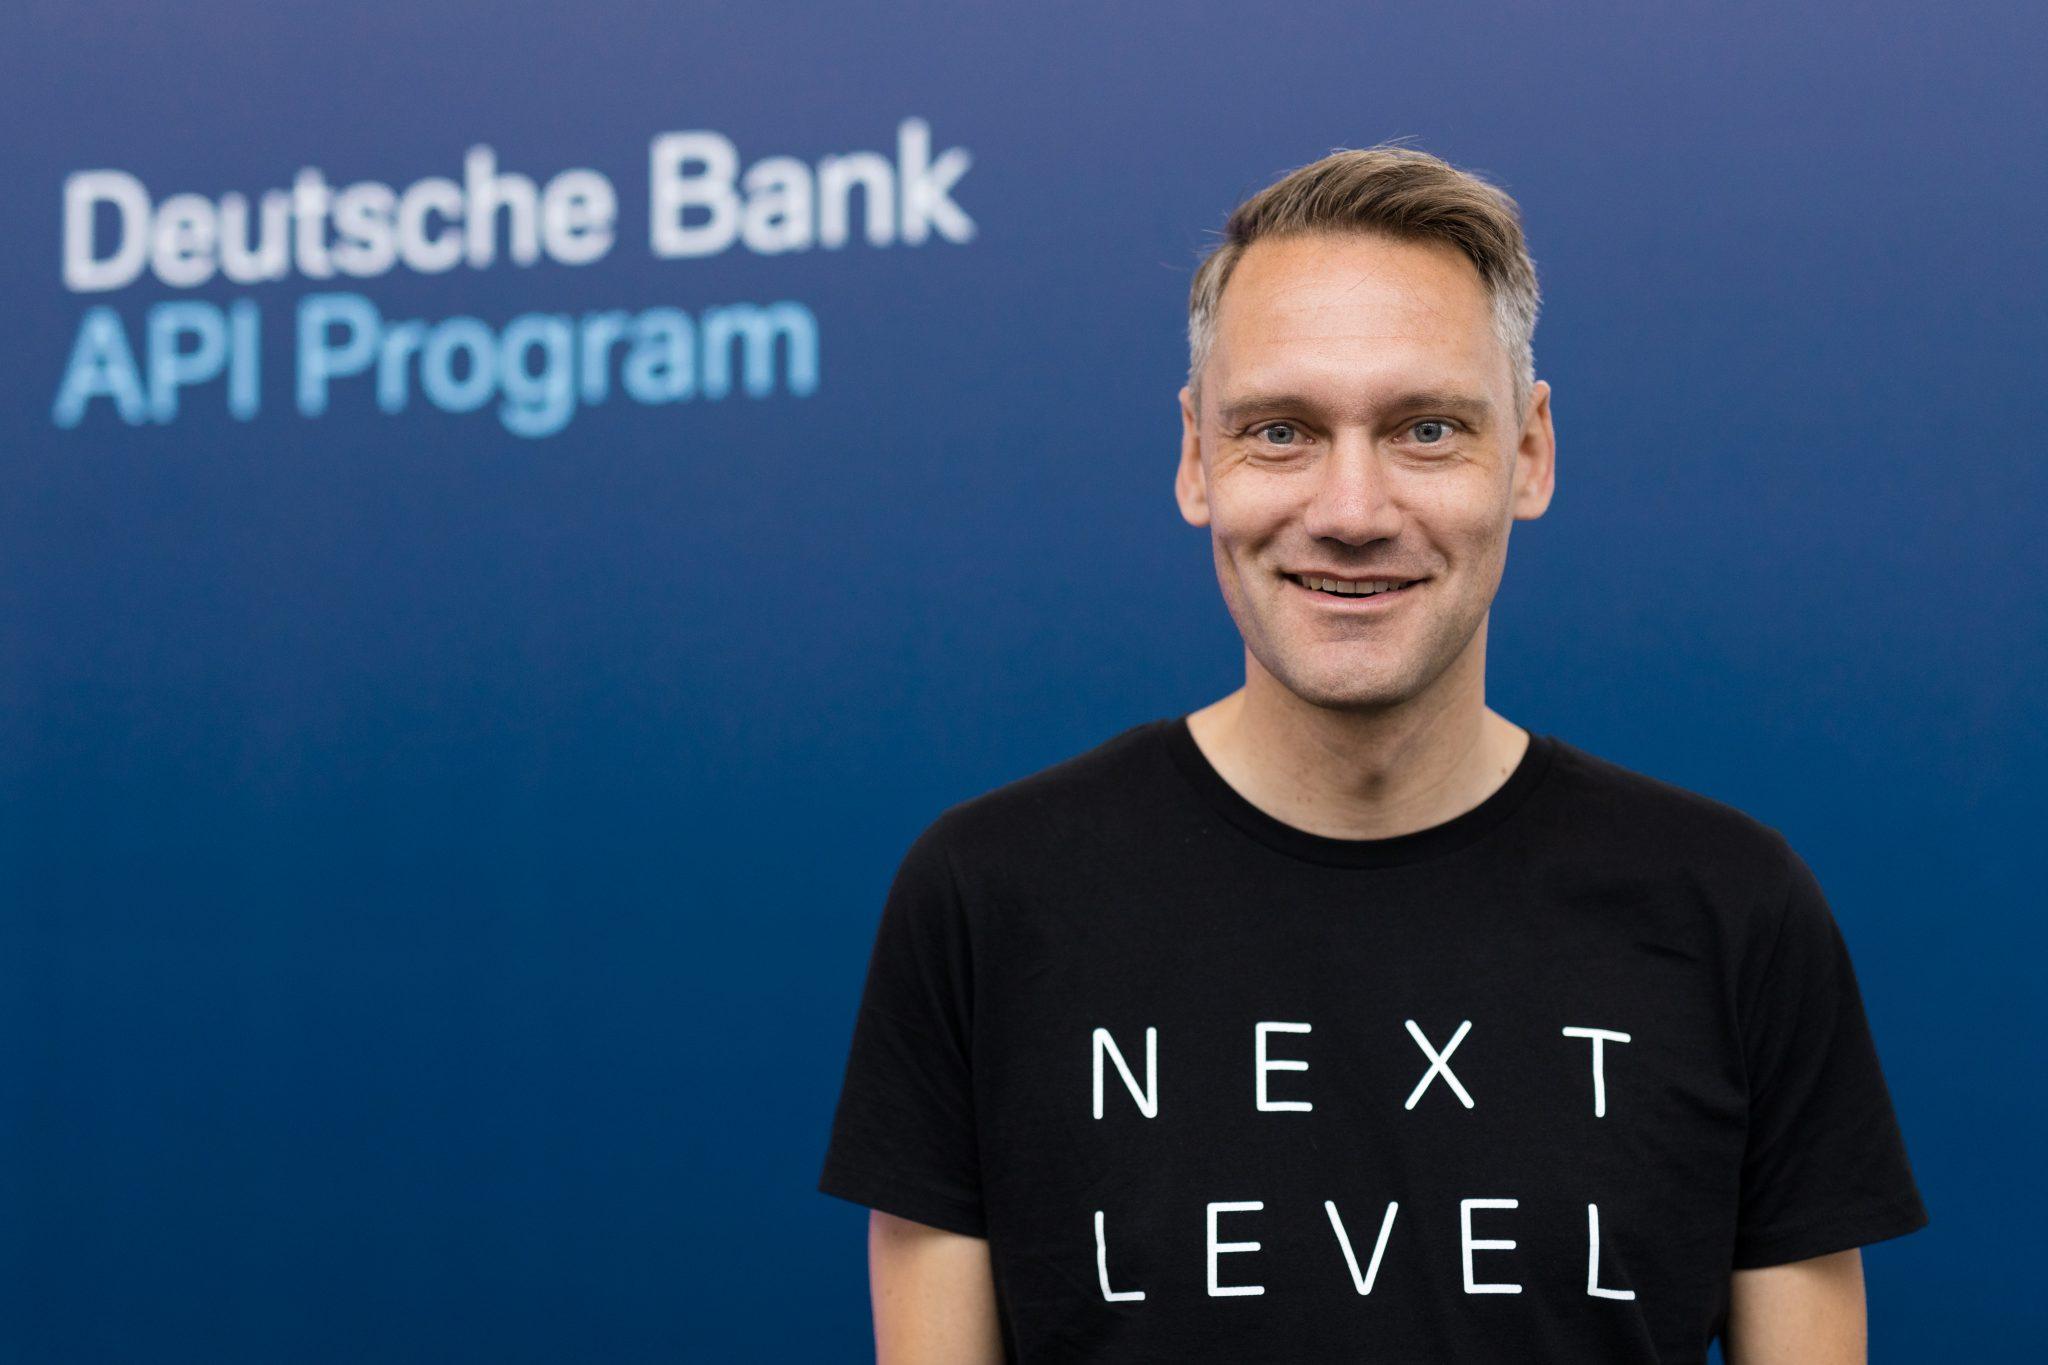 Deutsche Bank's Joris Hensen